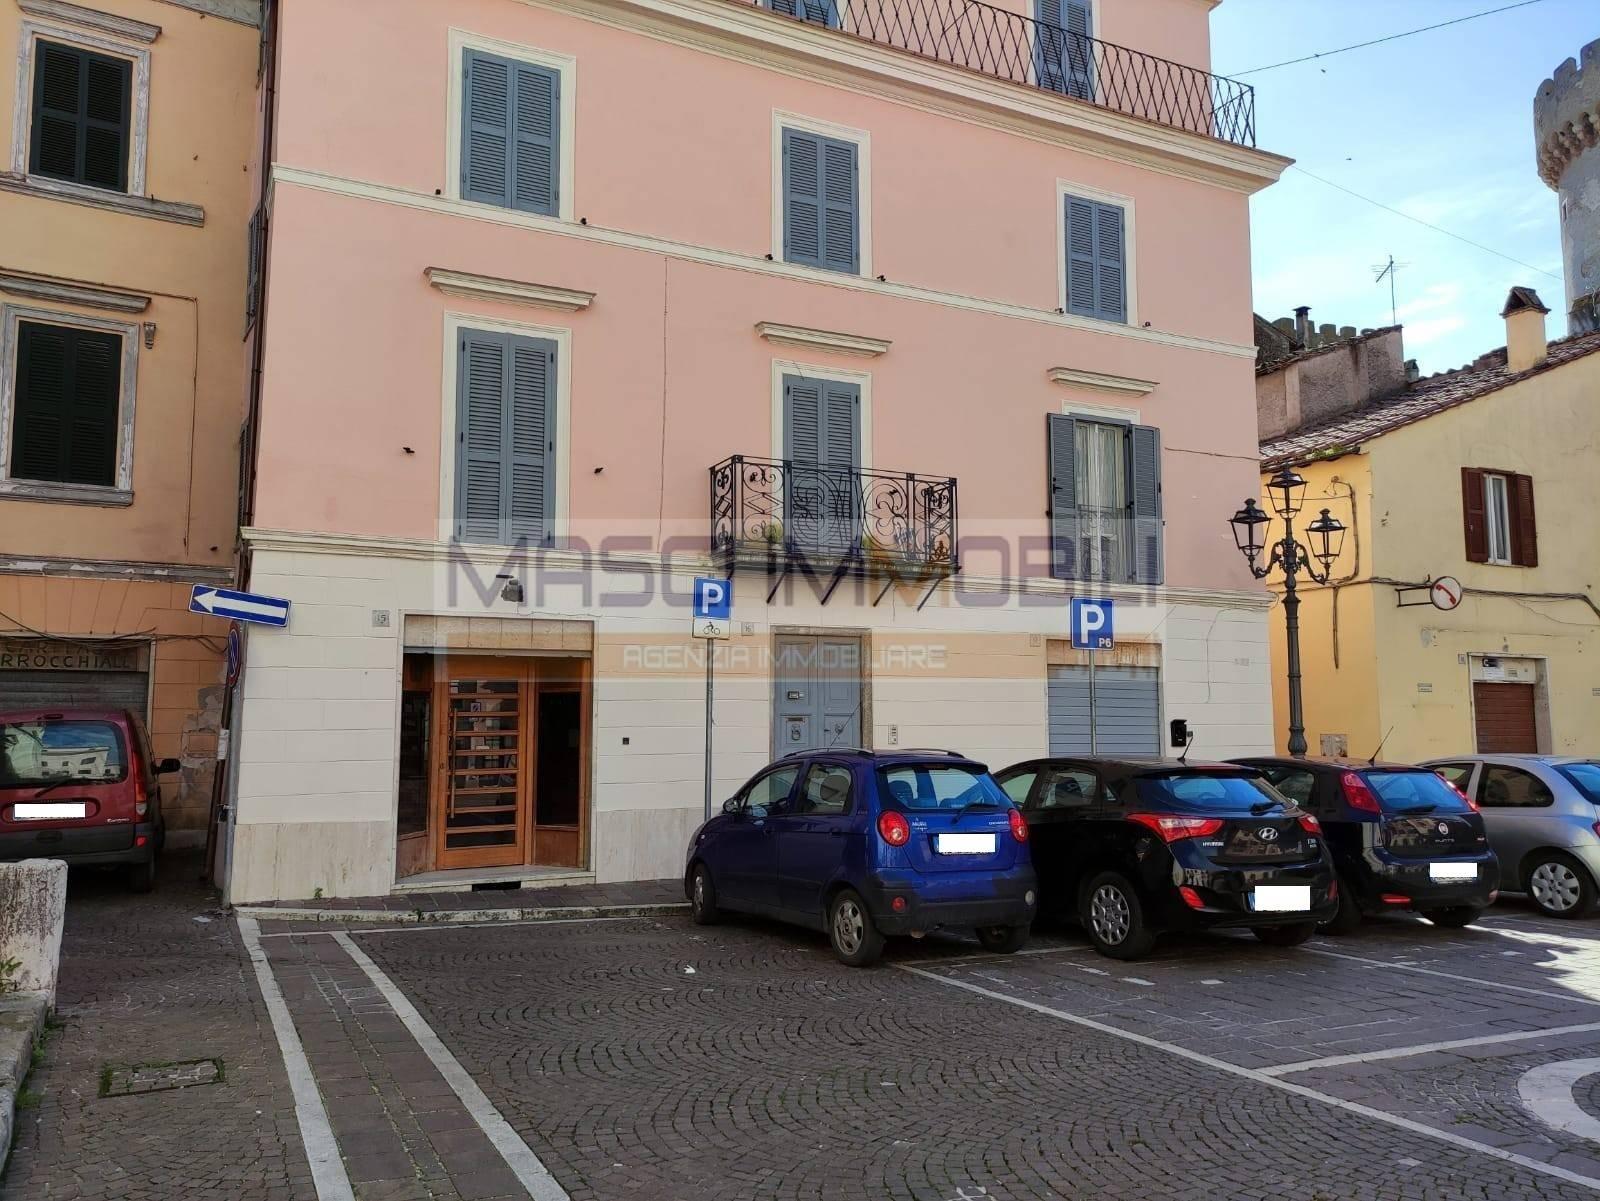 Negozio / Locale in affitto a Fiano Romano, 1 locali, prezzo € 400   CambioCasa.it